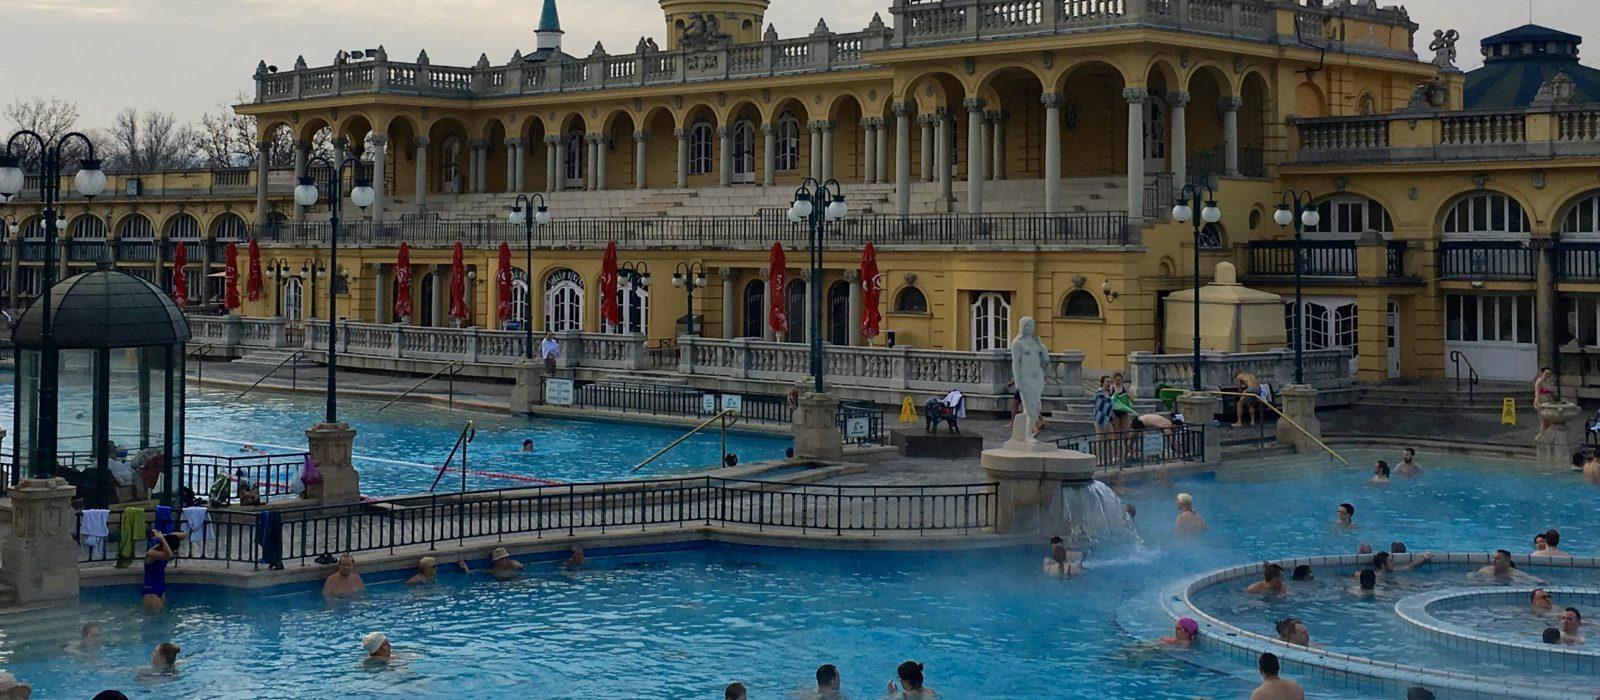 Budapest_szechenyi_2